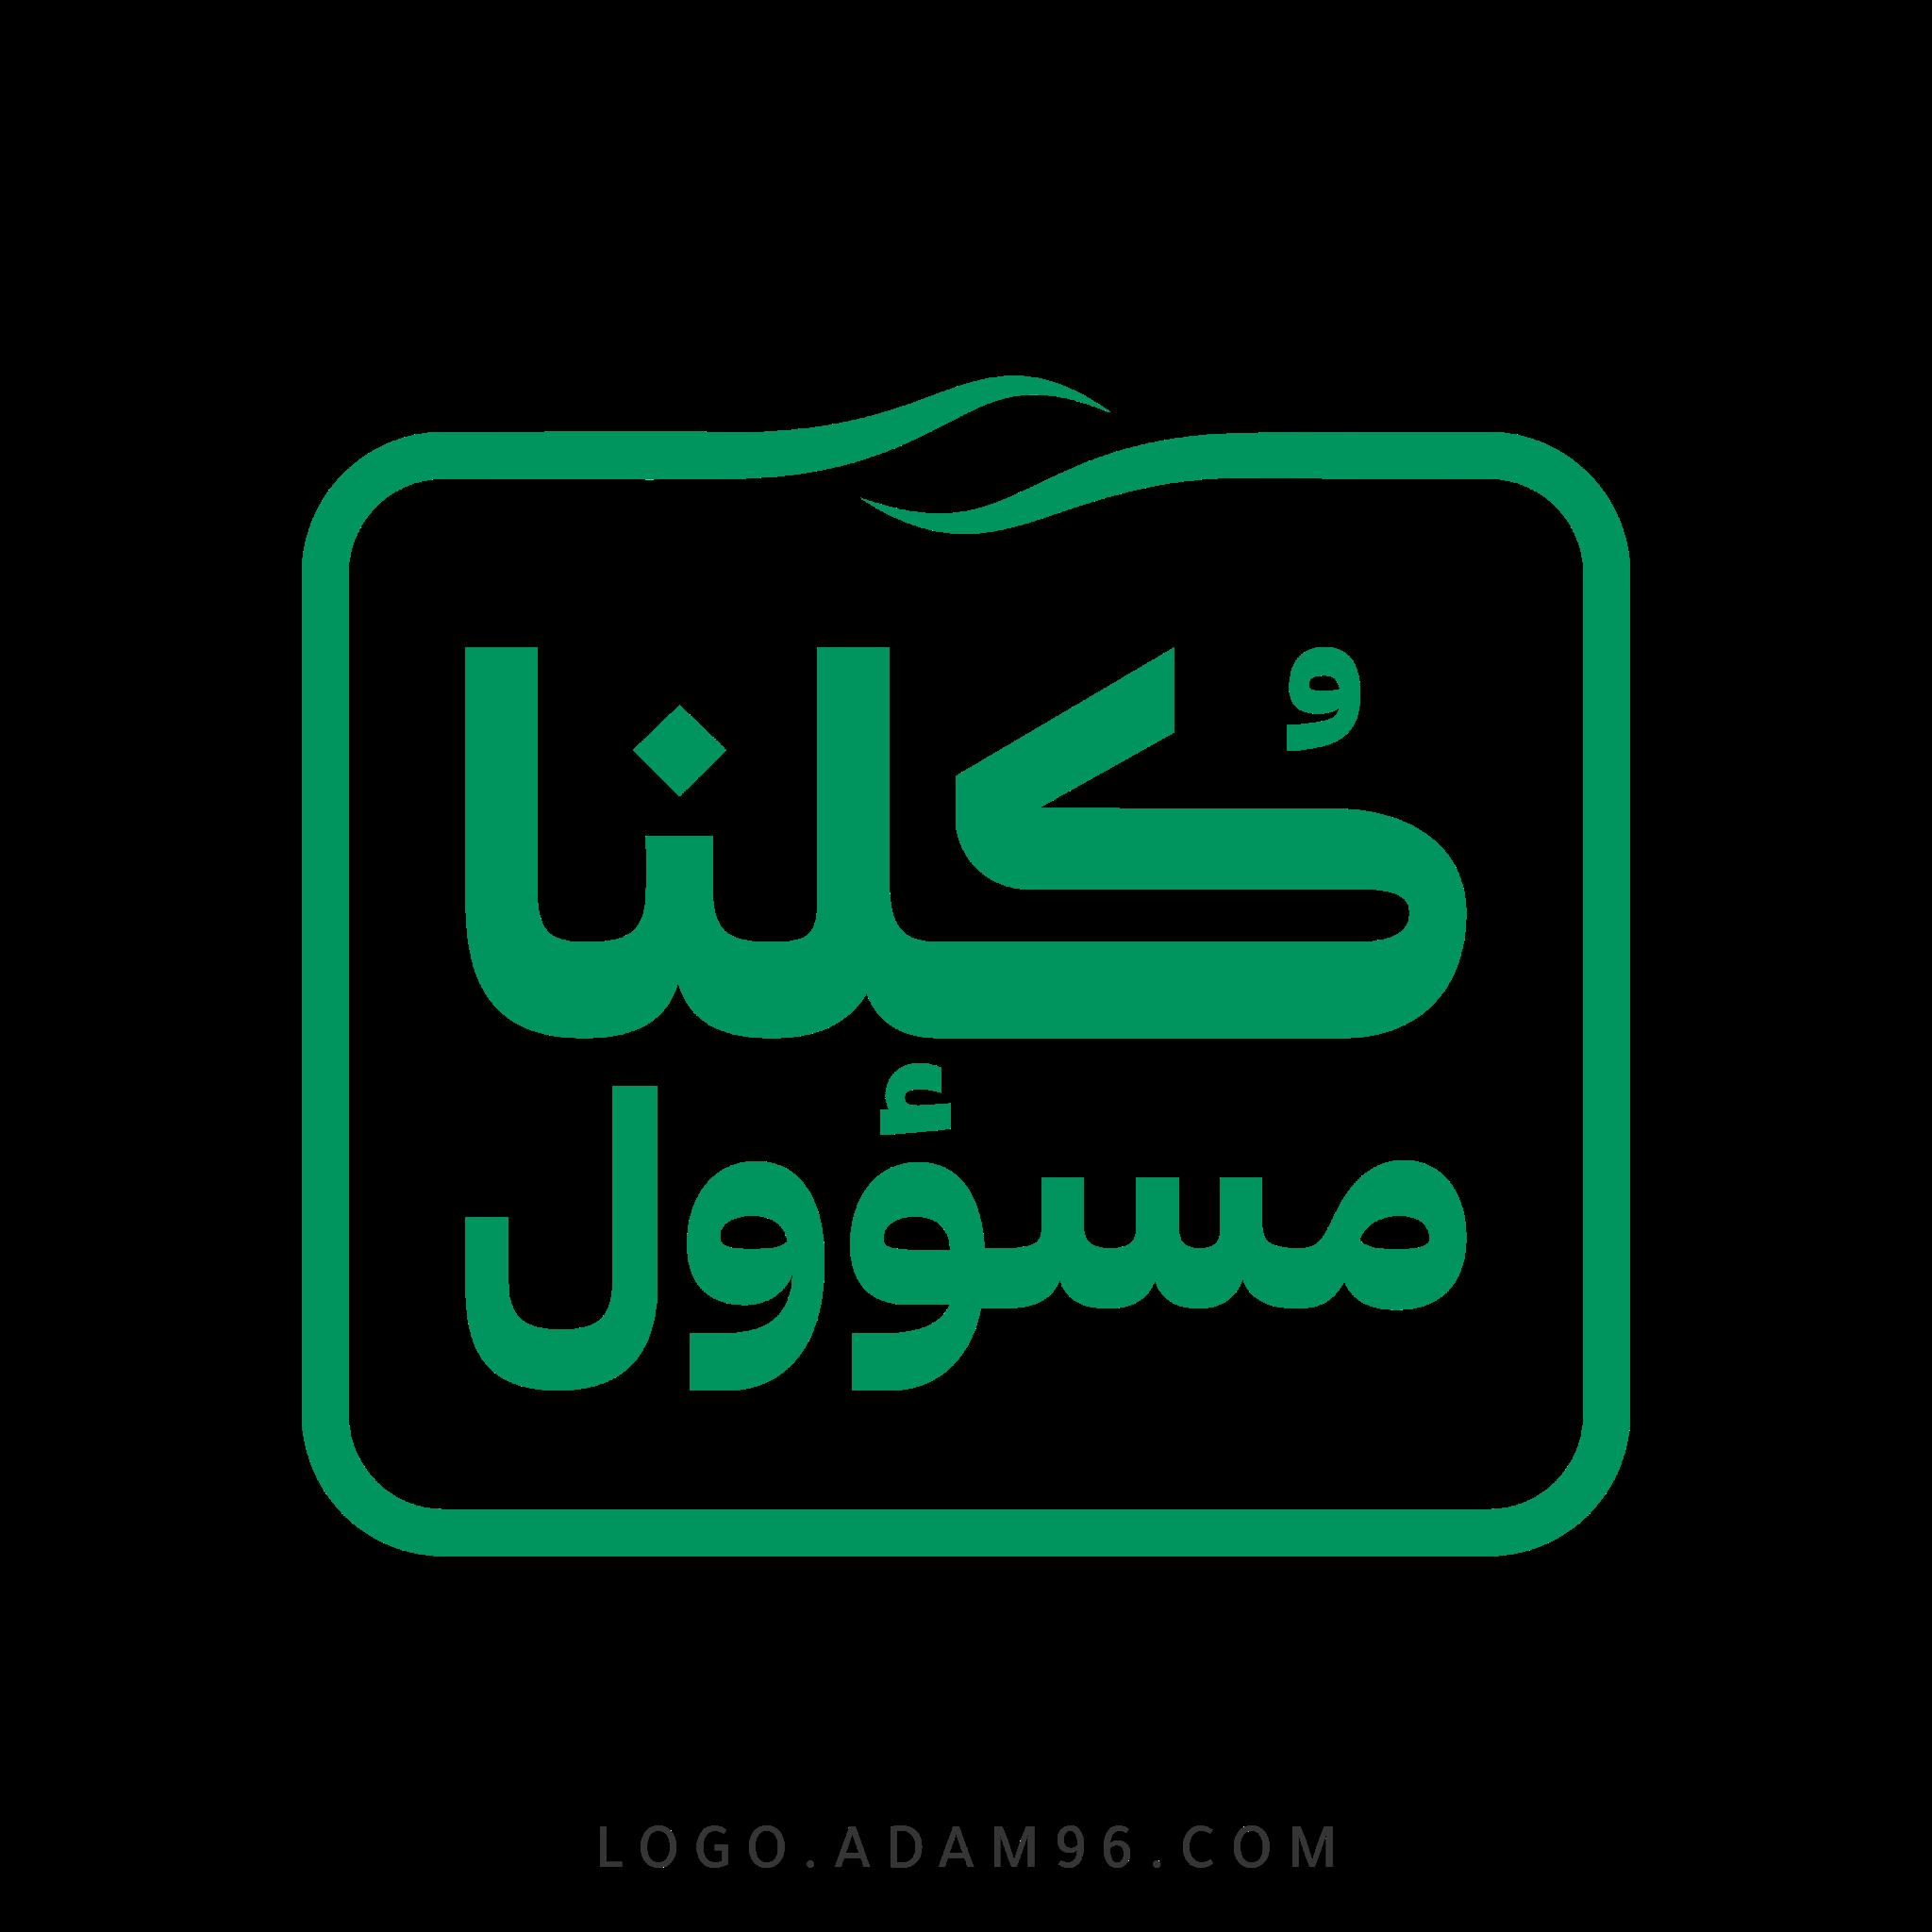 تحميل شعار كُلنا مسؤول لوجو رسمي بجودة عالية PNG